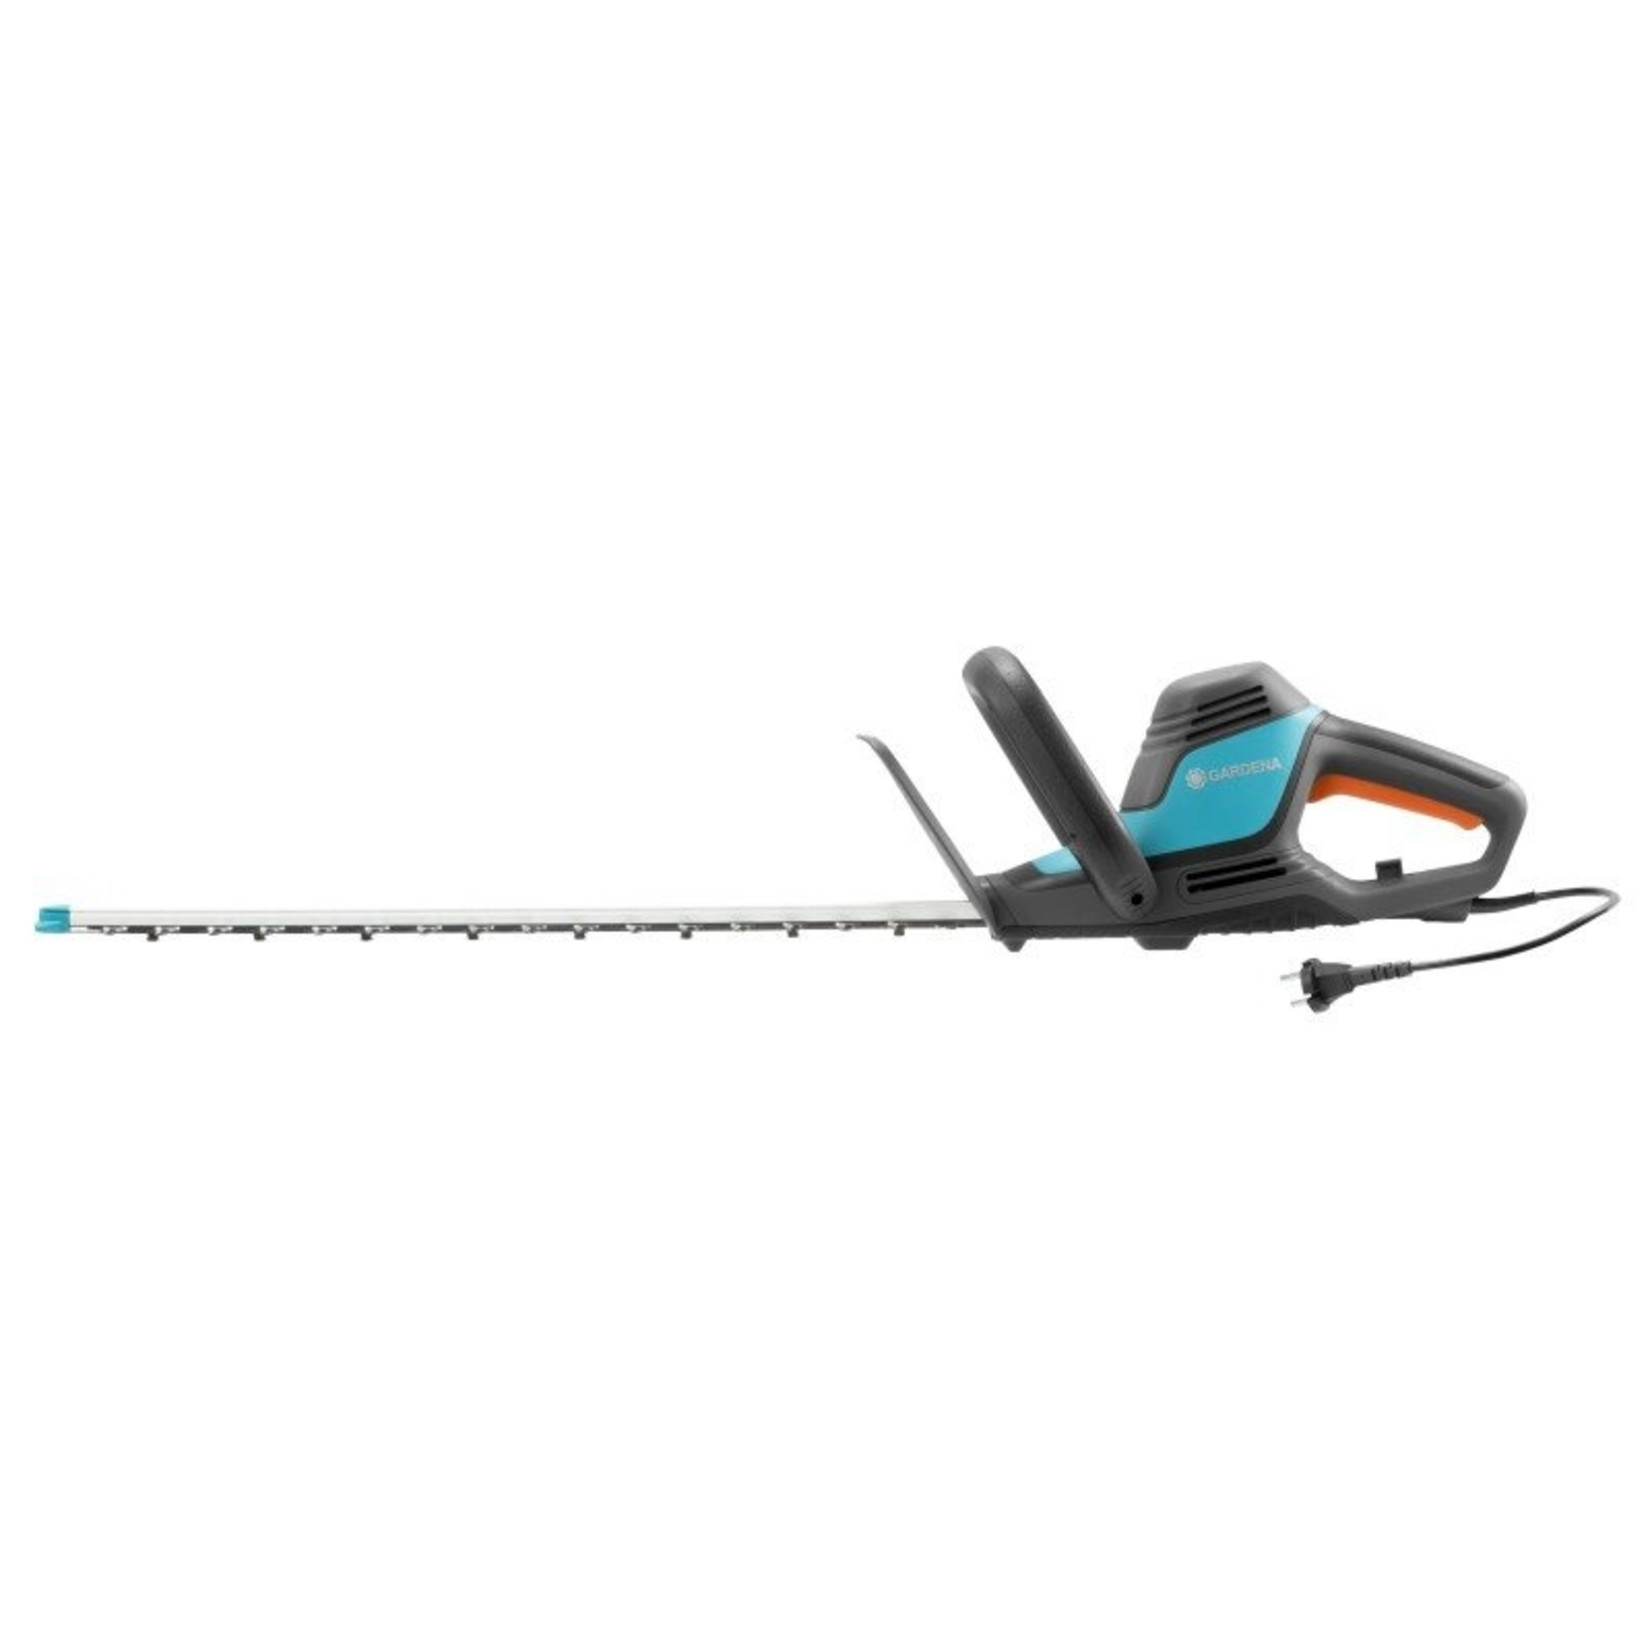 Gardena Gardena Elektrische heggenschaar ComfortCut 550/50